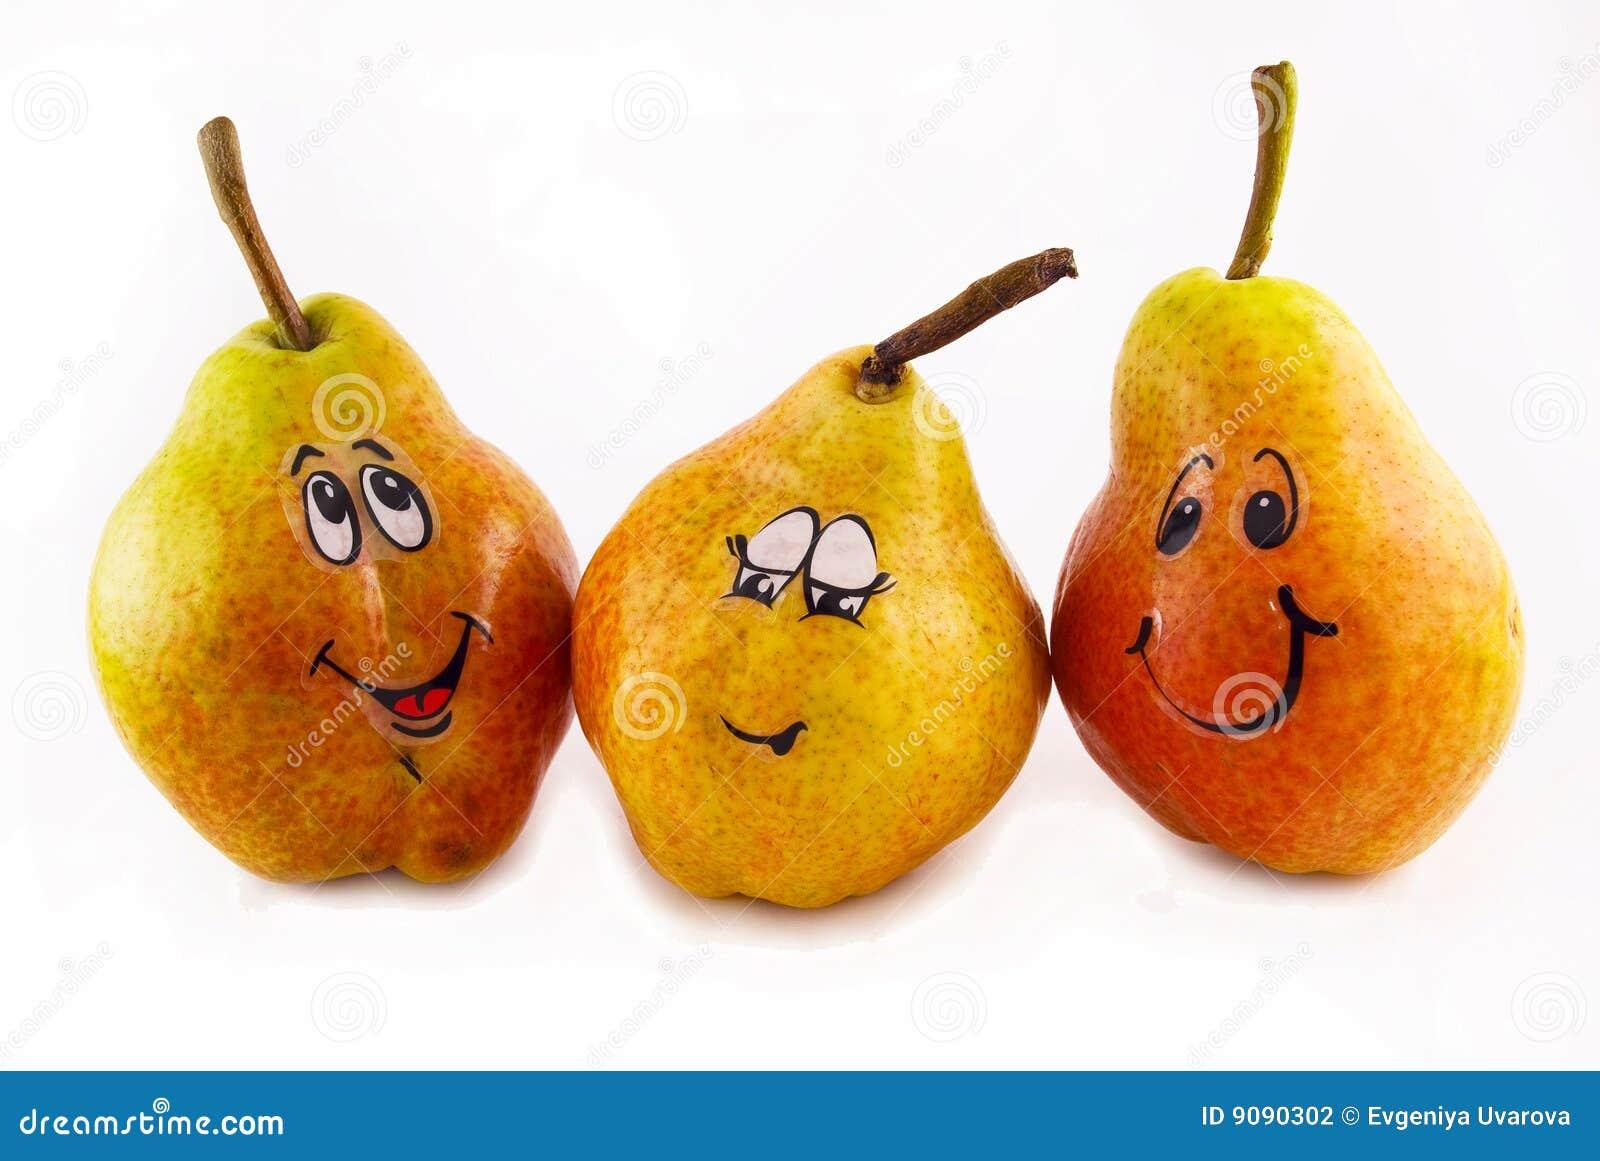 Drei Birnen mit einer Freude